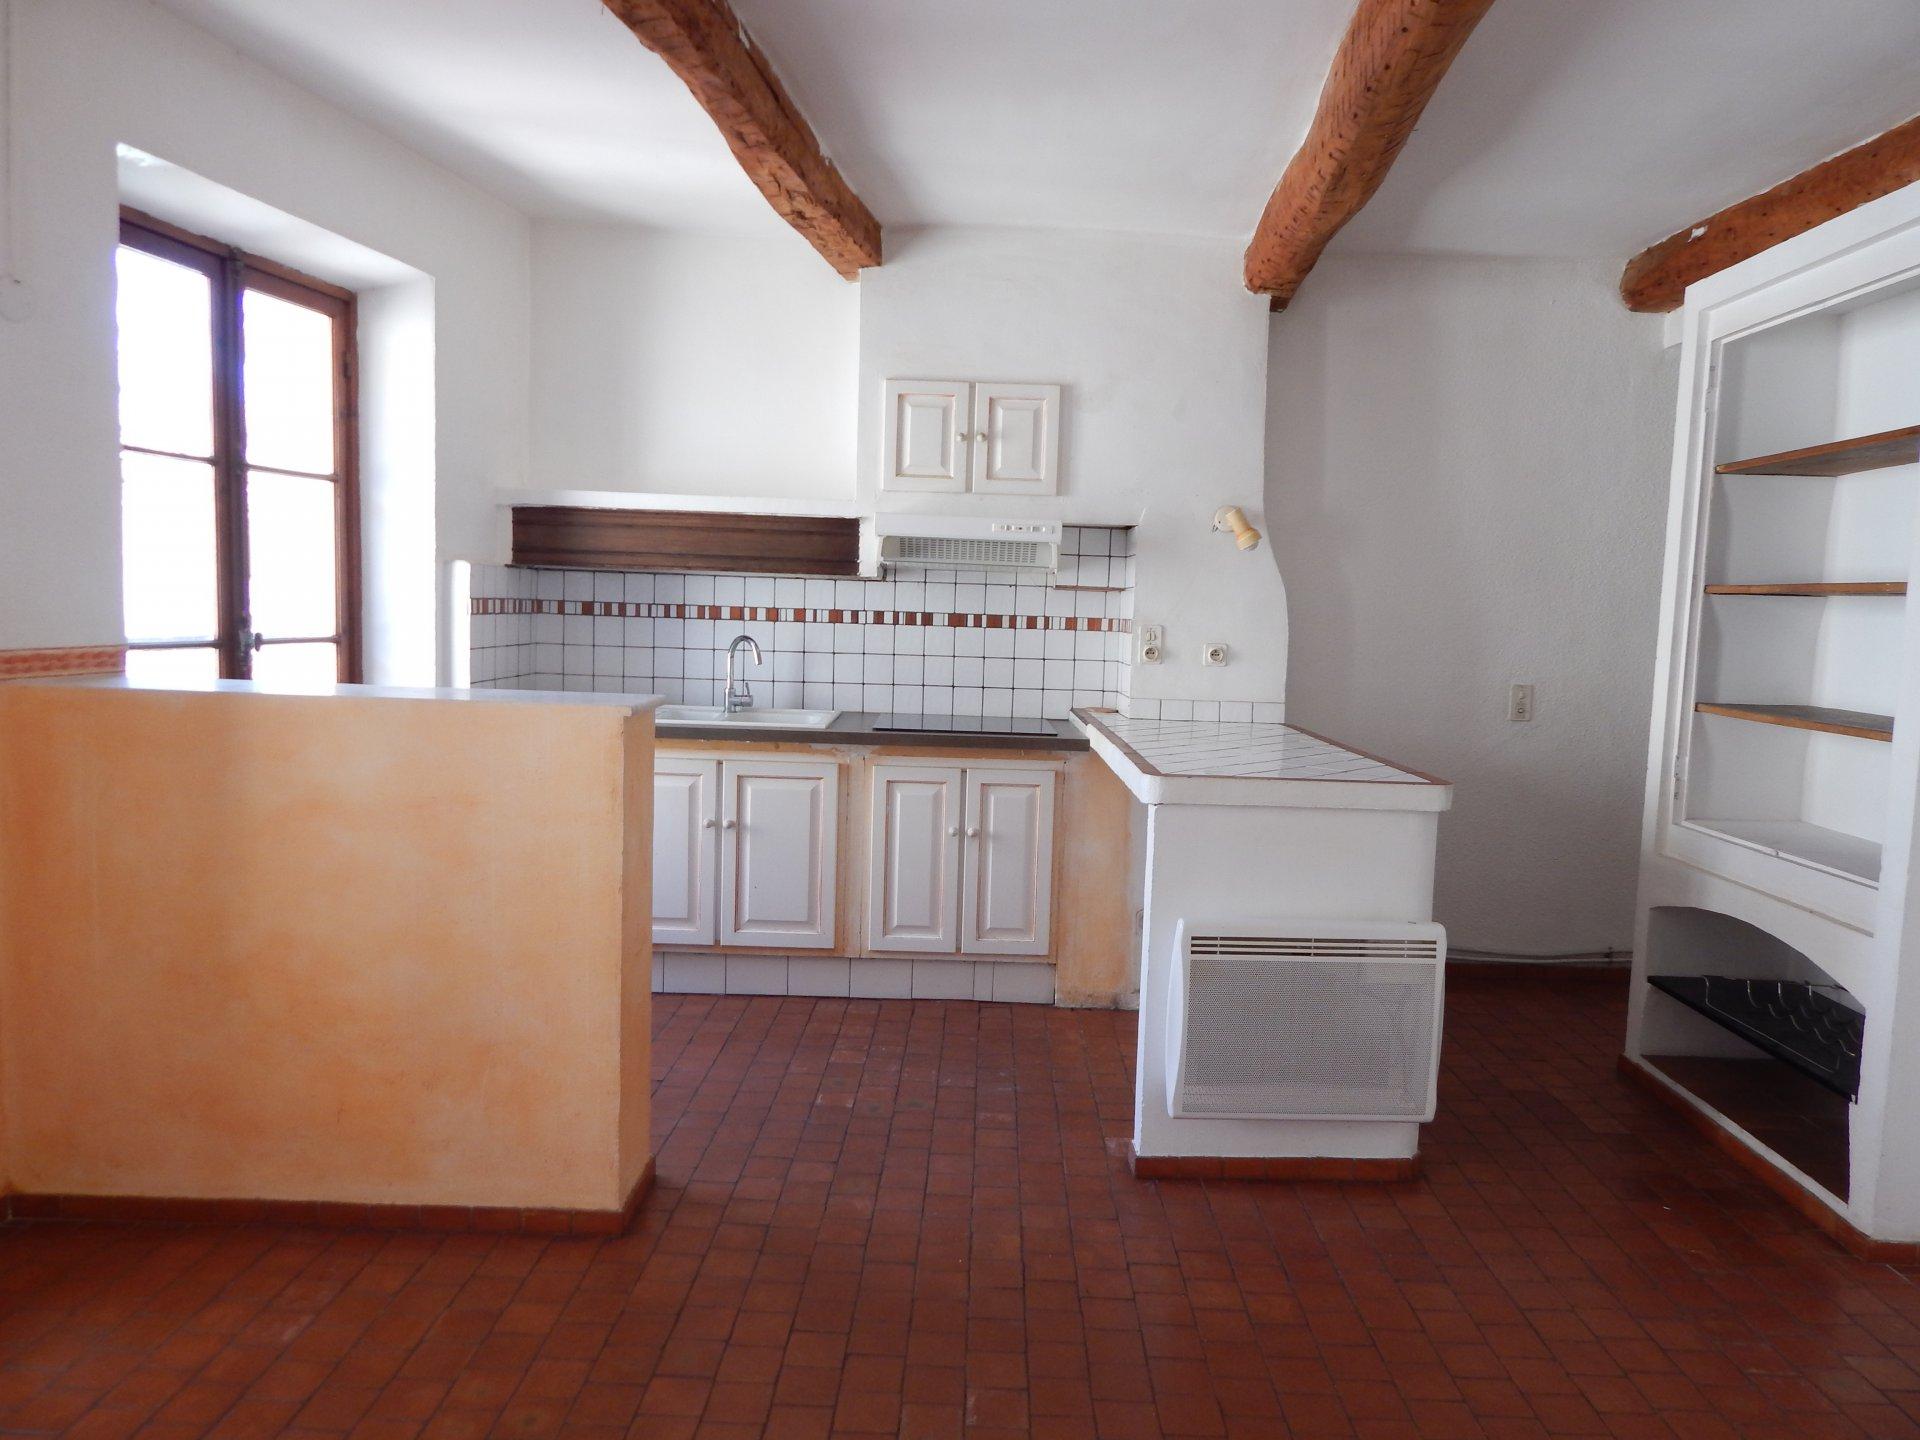 Apartment for sale Salernes Var